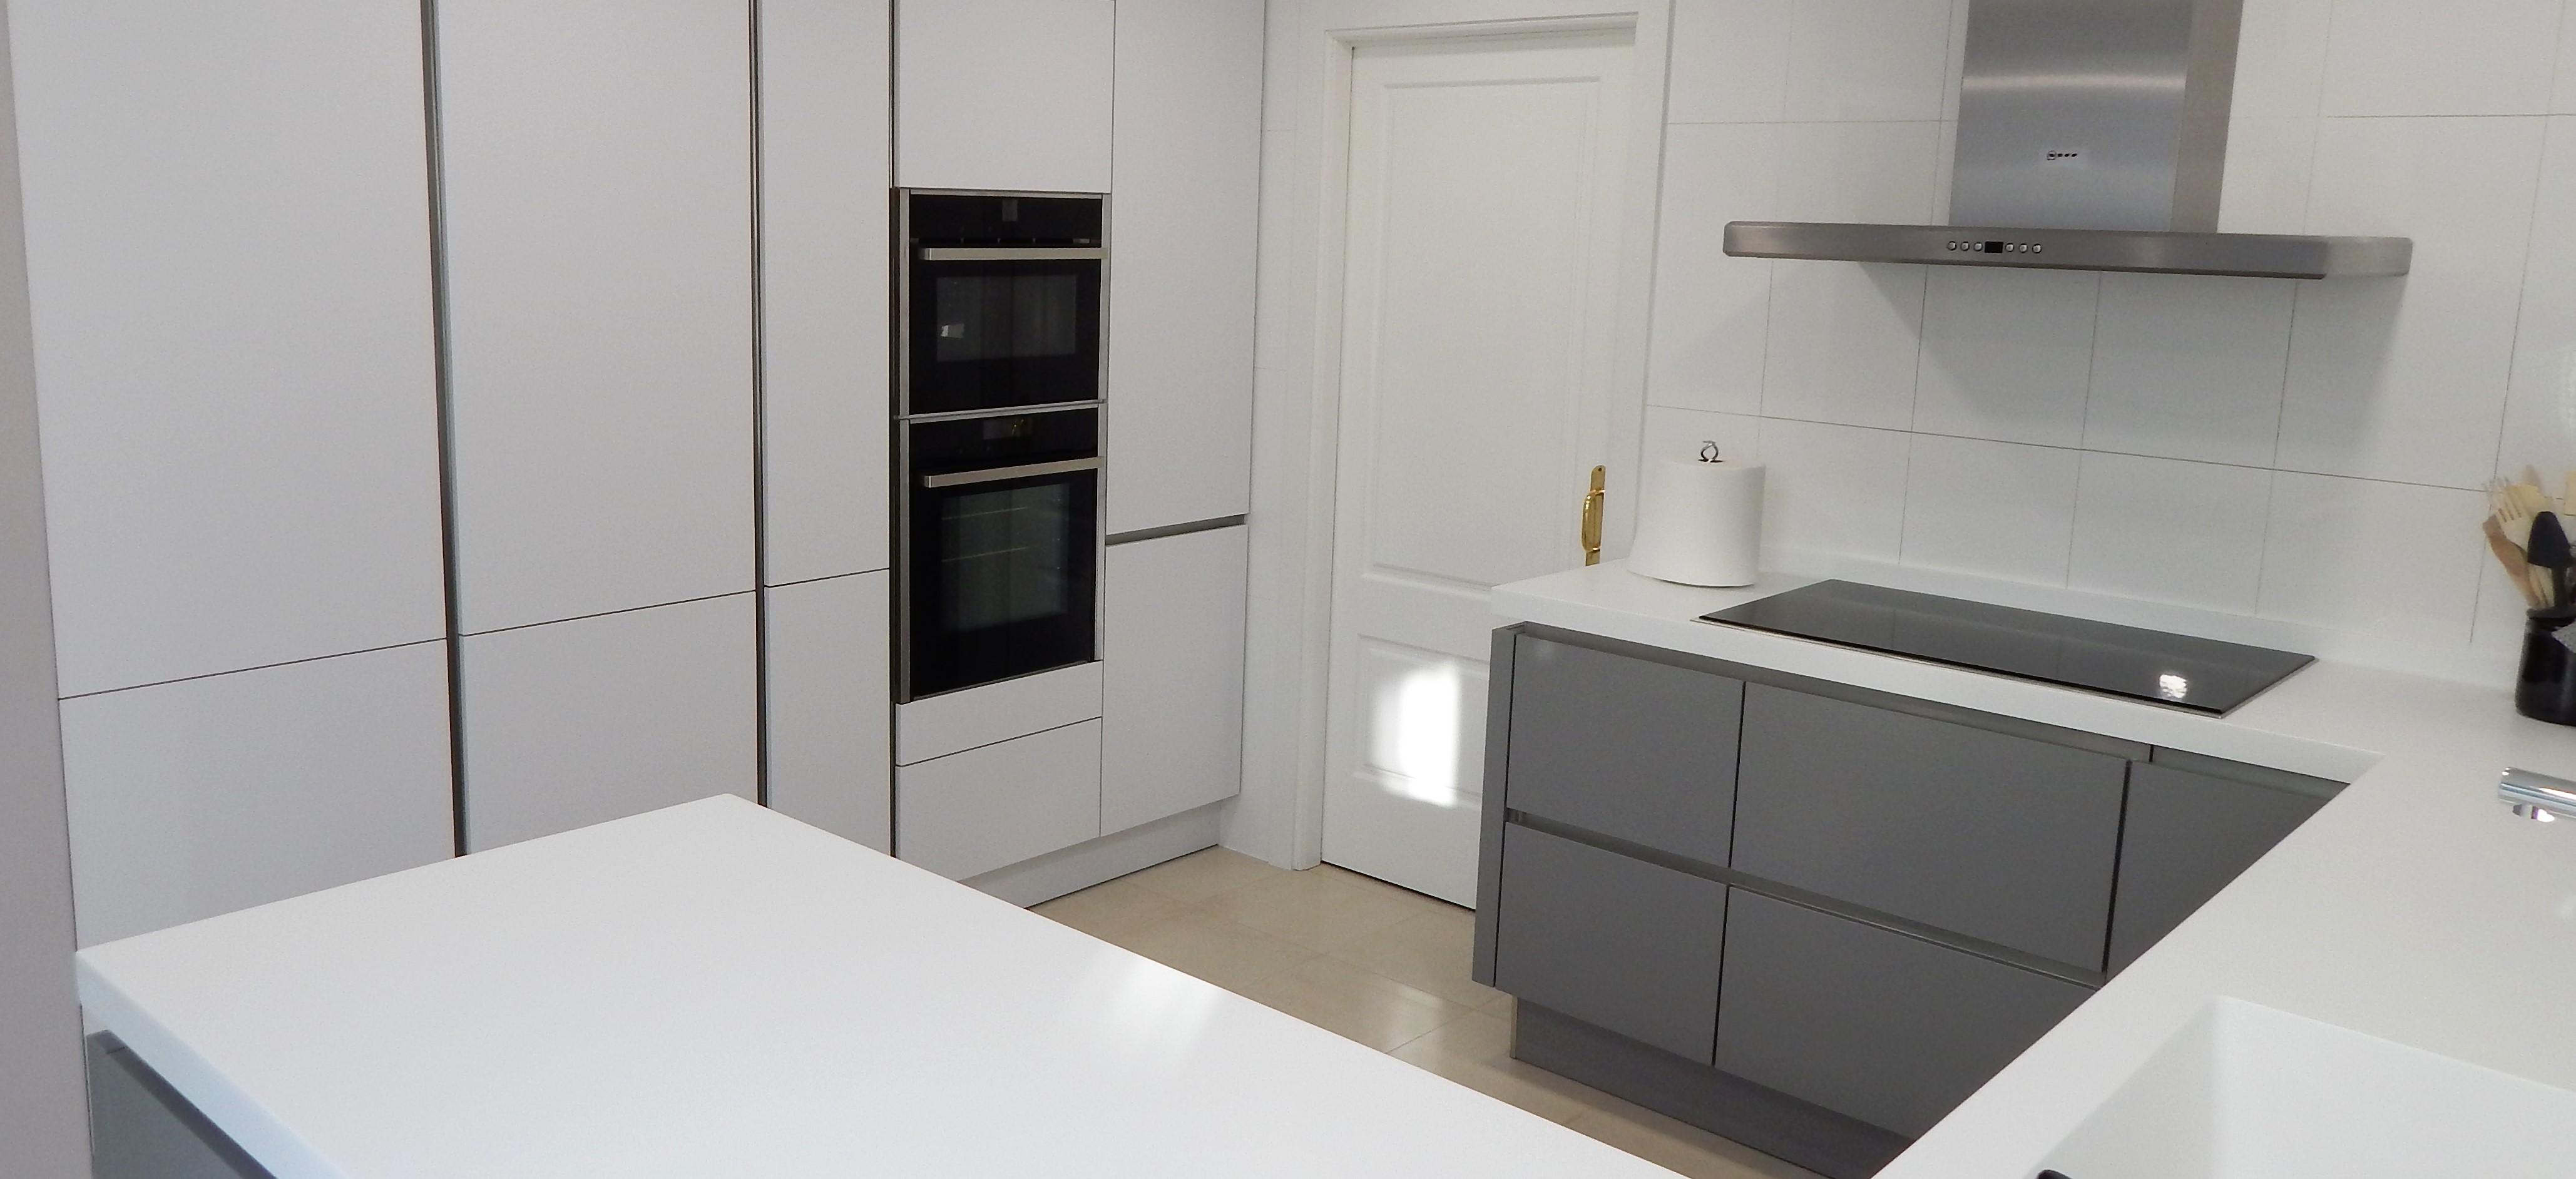 Muebles de cocina laser gris perla y blanco for Muebles de cocina blanco y gris